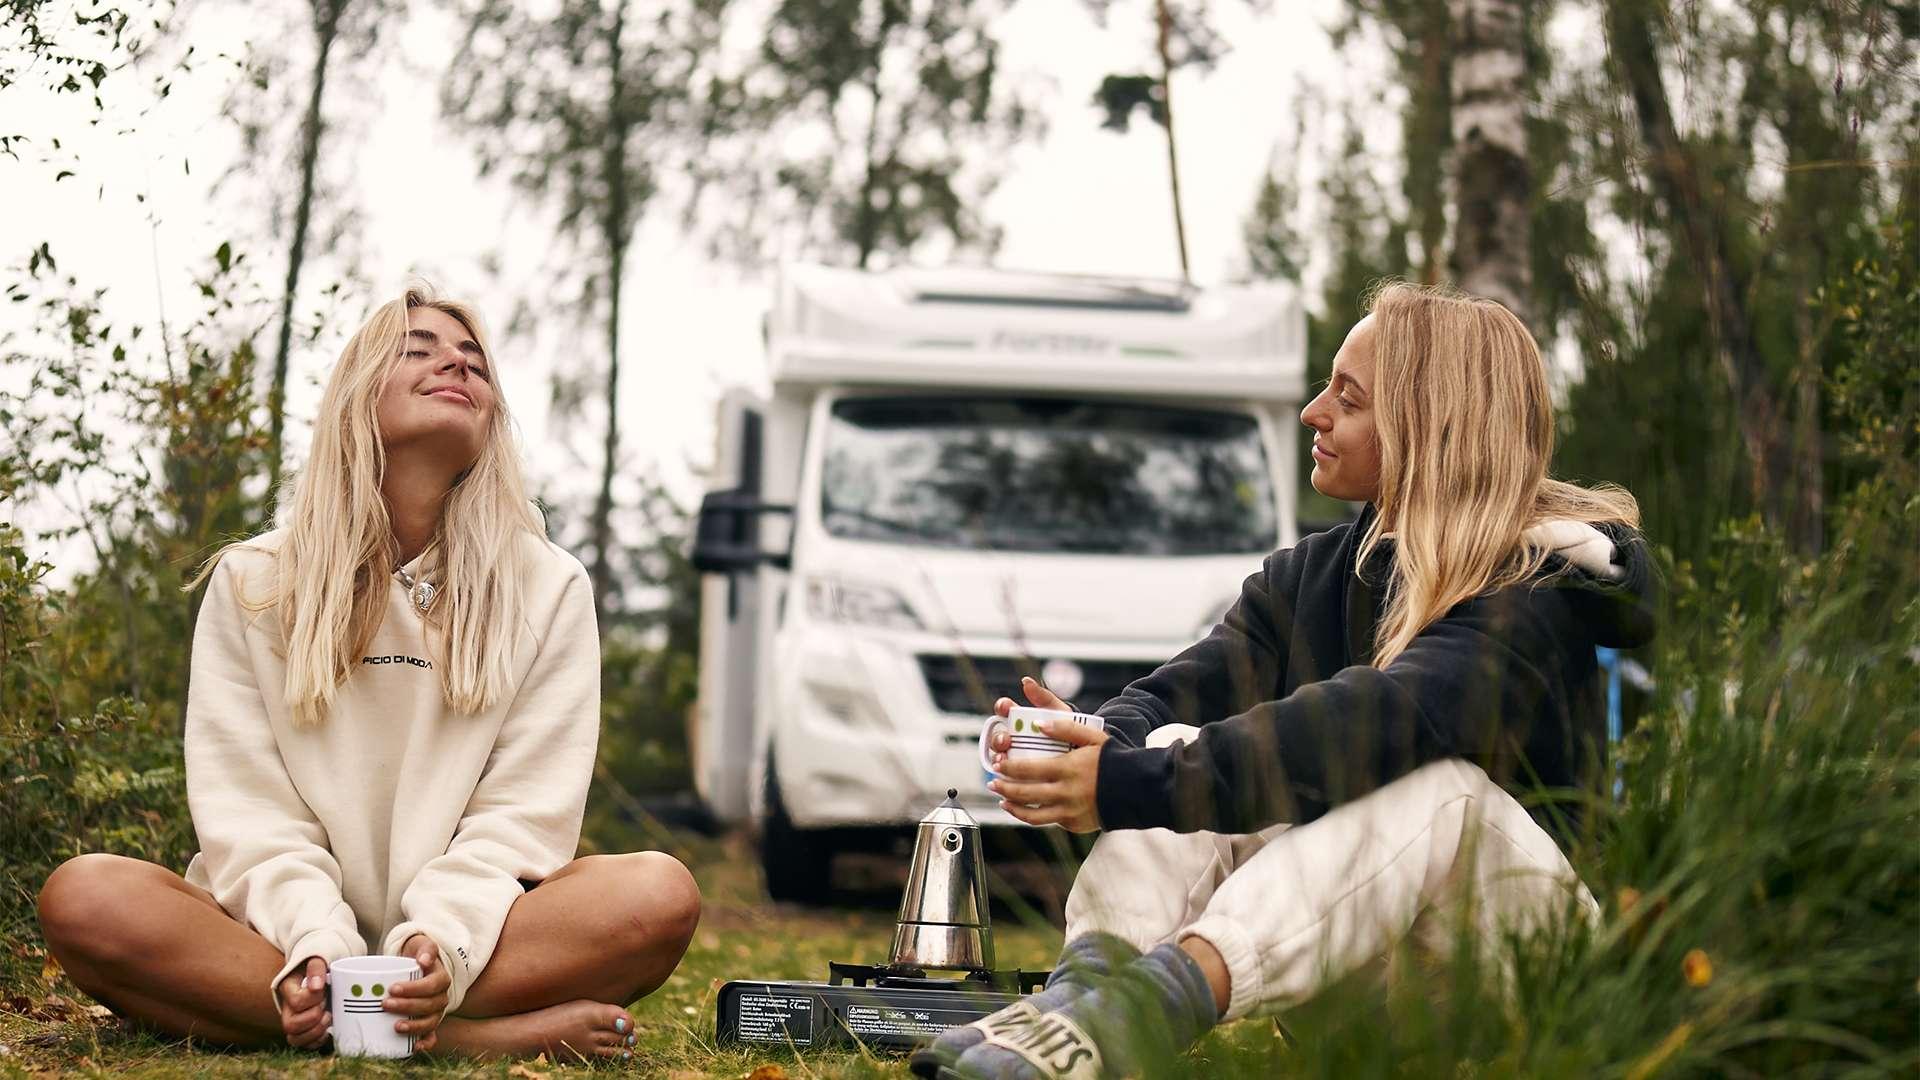 Zwei Freundinnen beim Camping mit dem Wohnmobil.